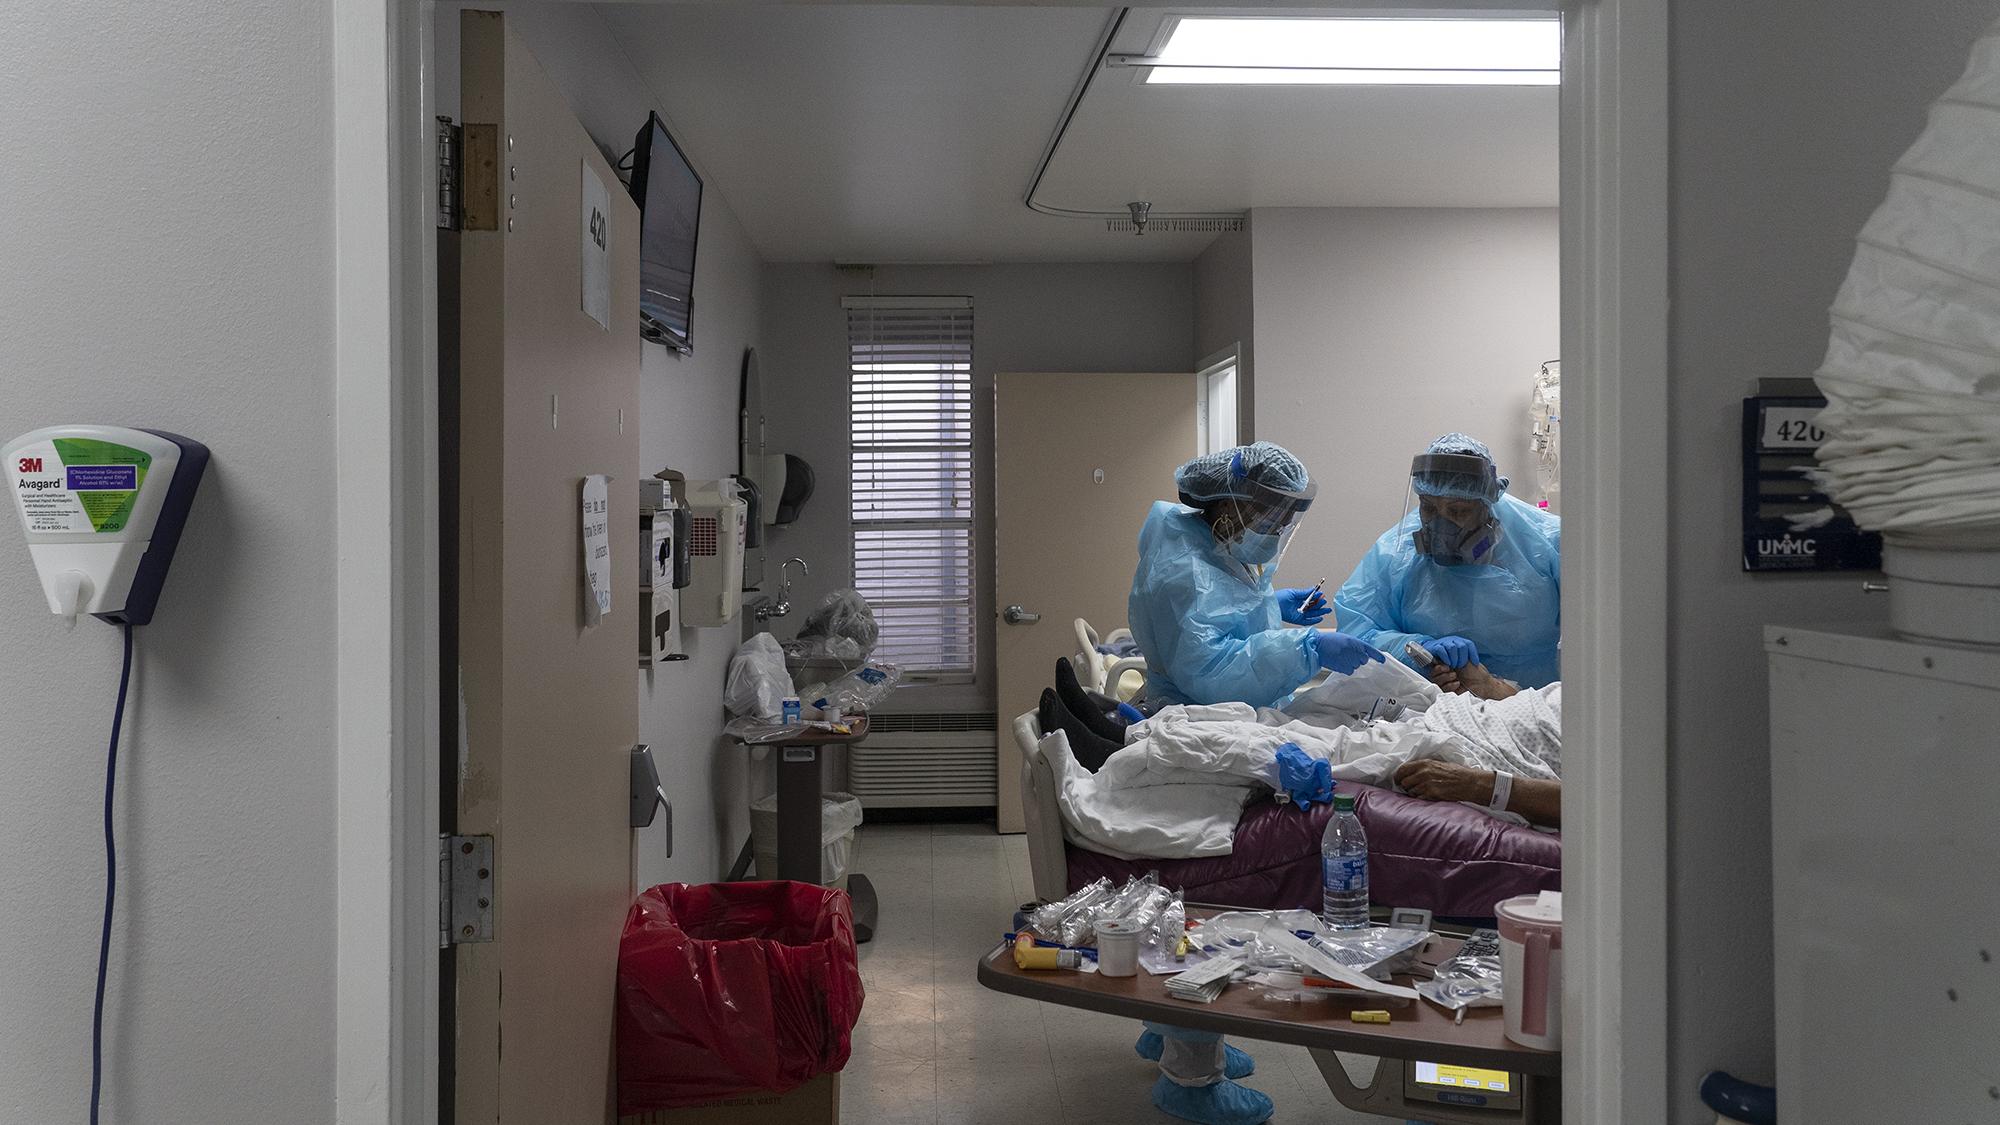 11/24美国疫情更新:美国创下最高住院记录;特朗普政府考虑缩短新冠隔离时间;洛杉矶县新冠死亡人数激增